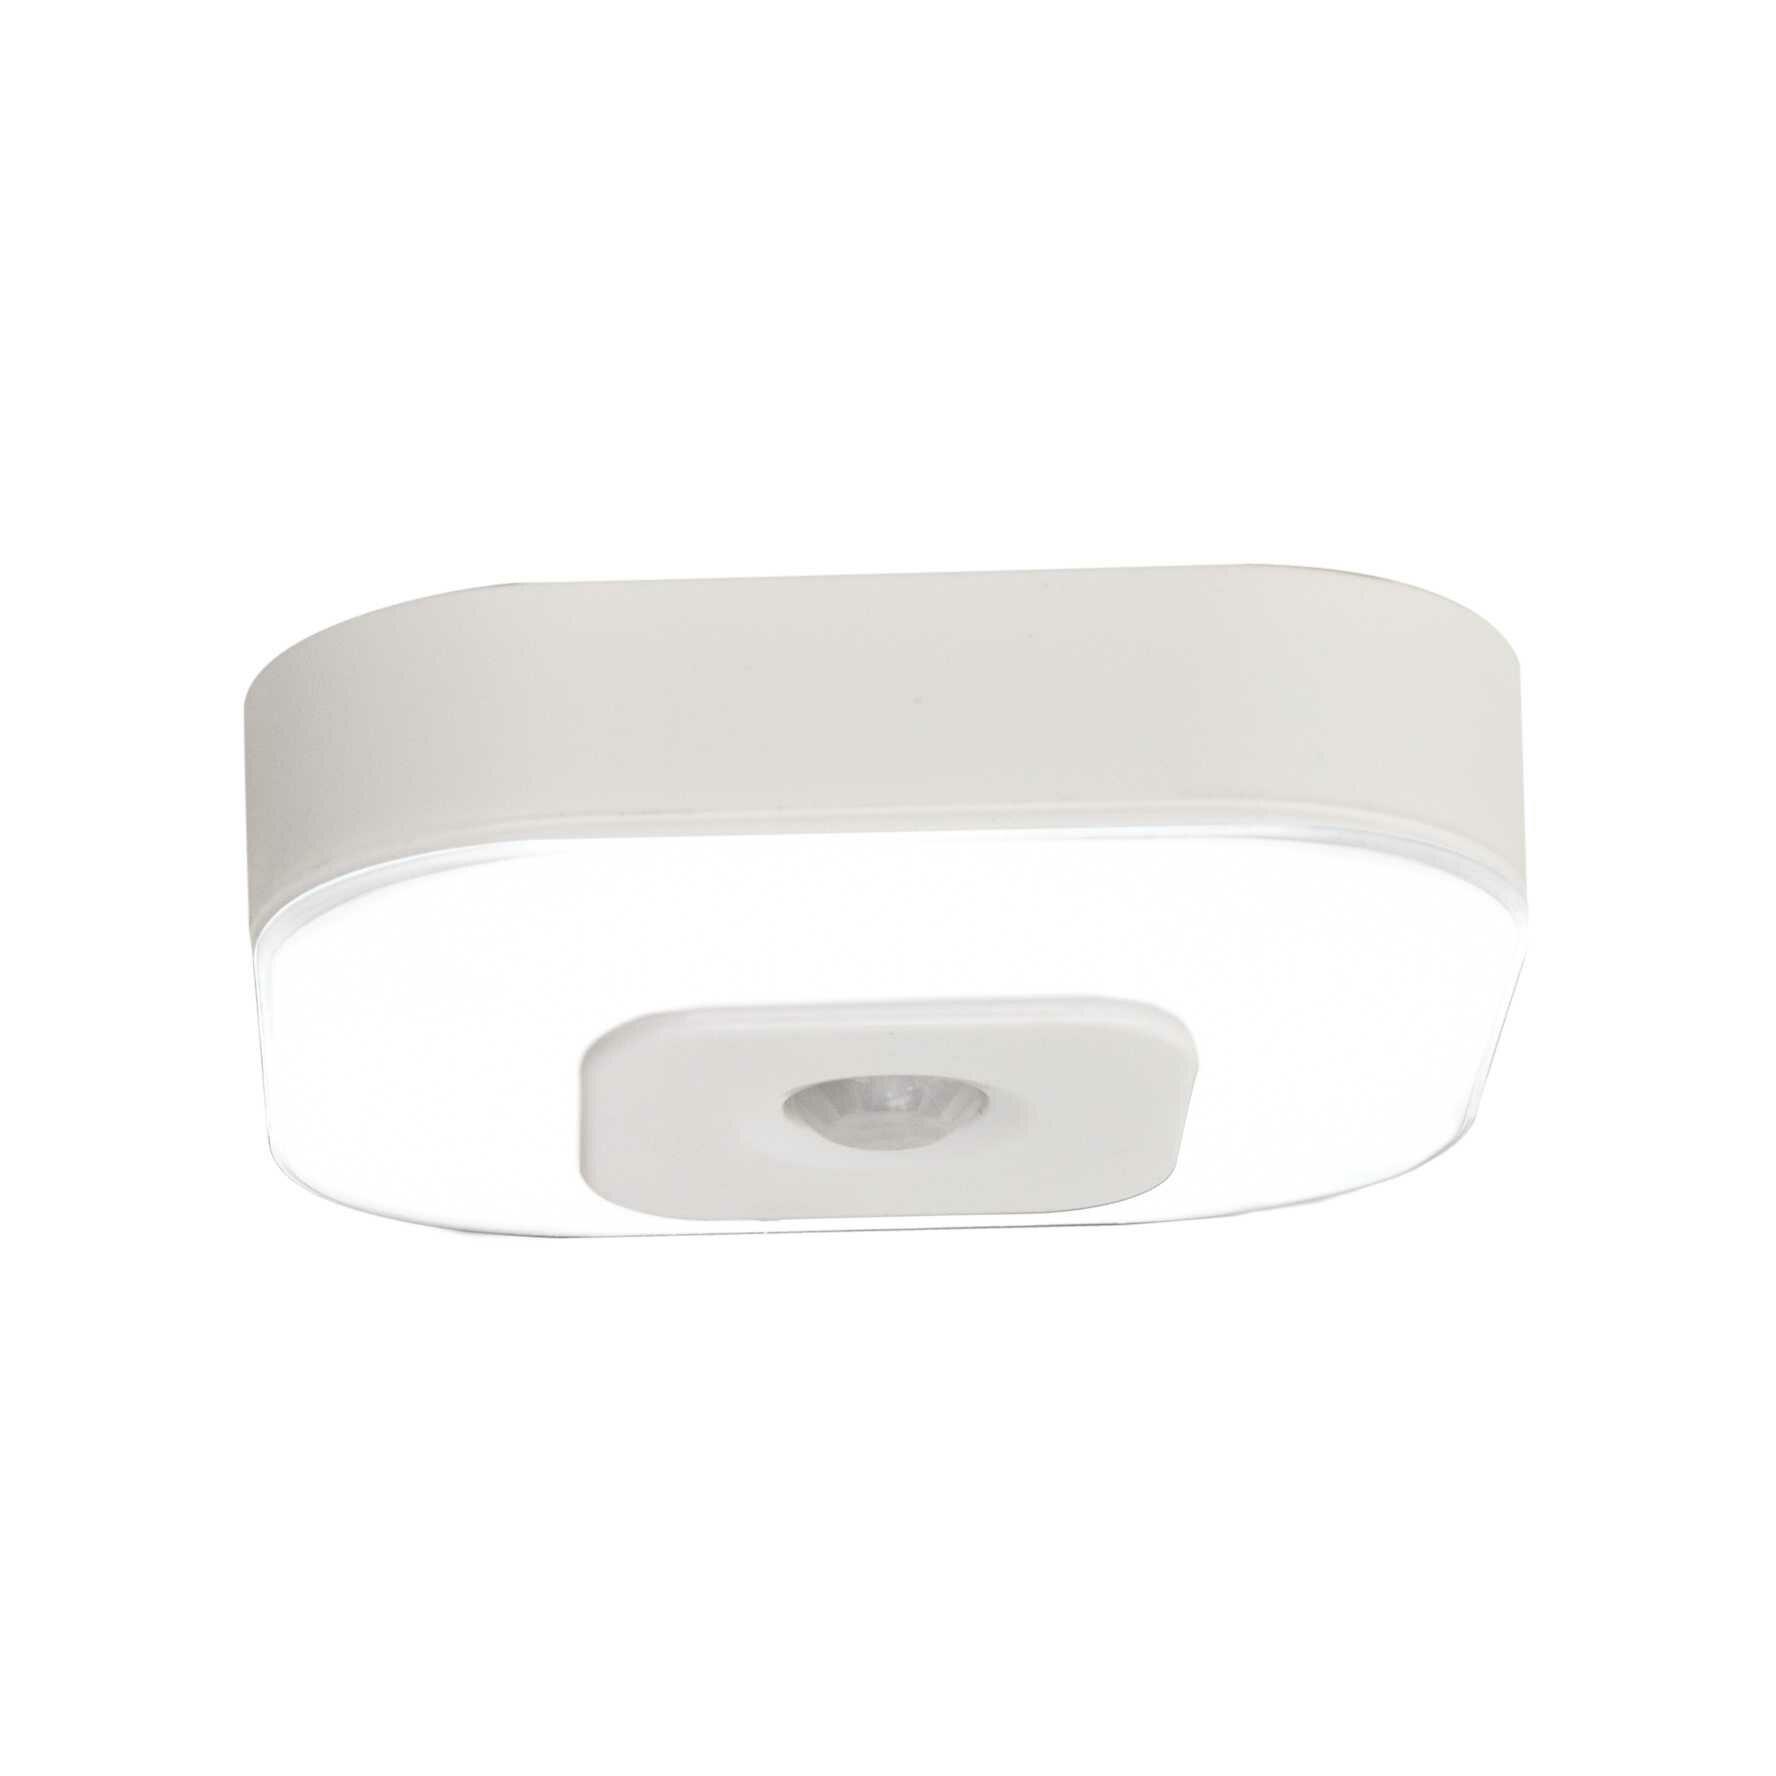 bazz led under cabinet puck light reviews wayfair. Black Bedroom Furniture Sets. Home Design Ideas